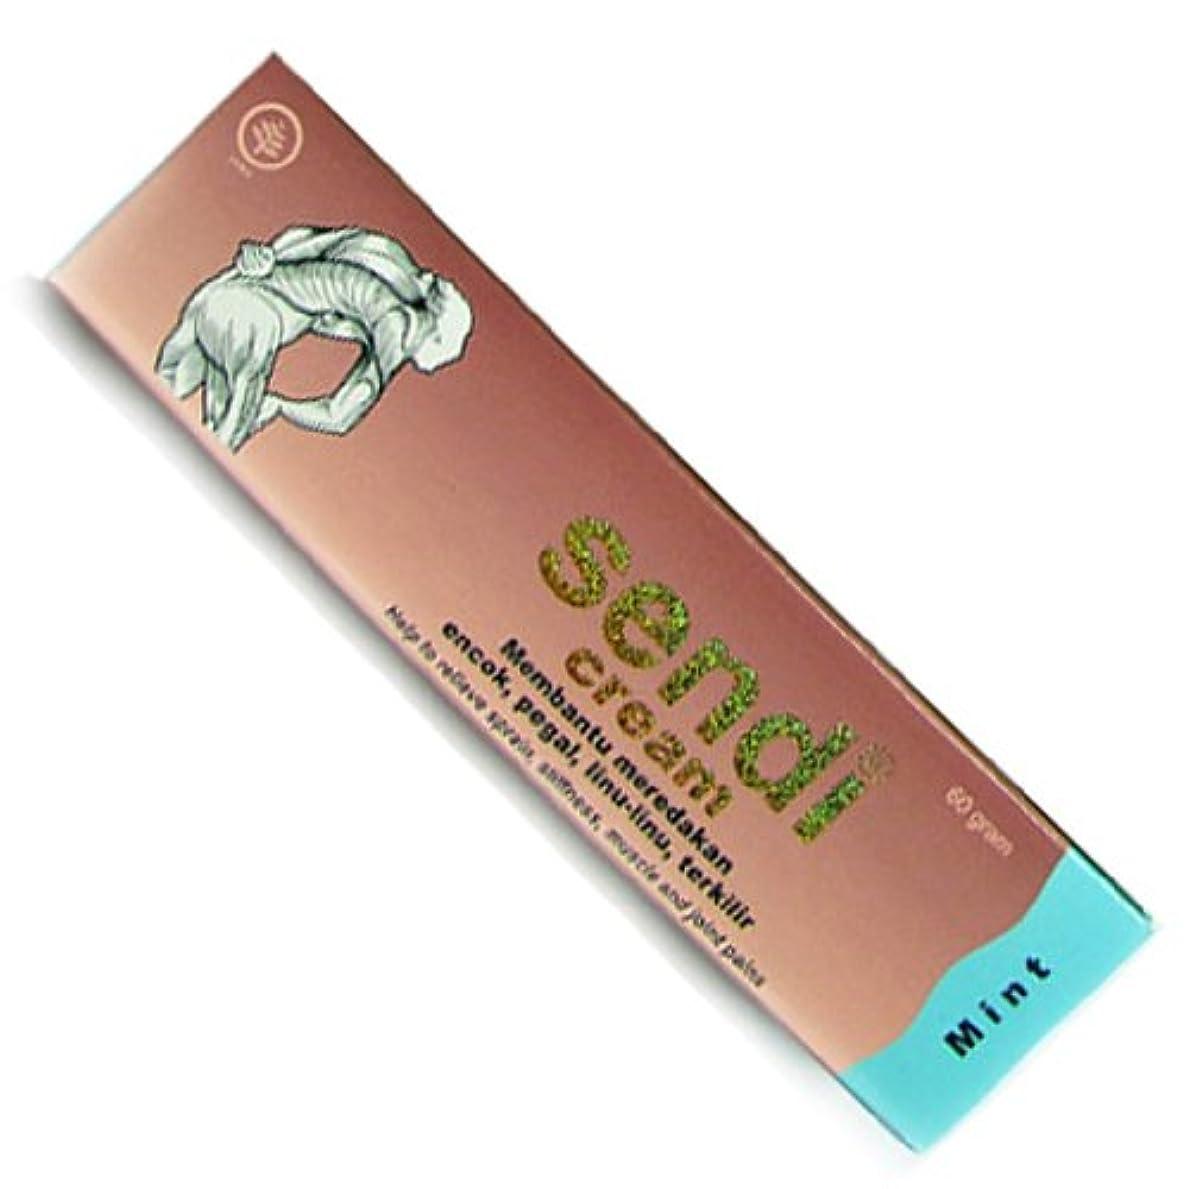 バレエ噴出するとげSendi Cream スンディクリーム60g[並行輸入品][海外直送品]ミント